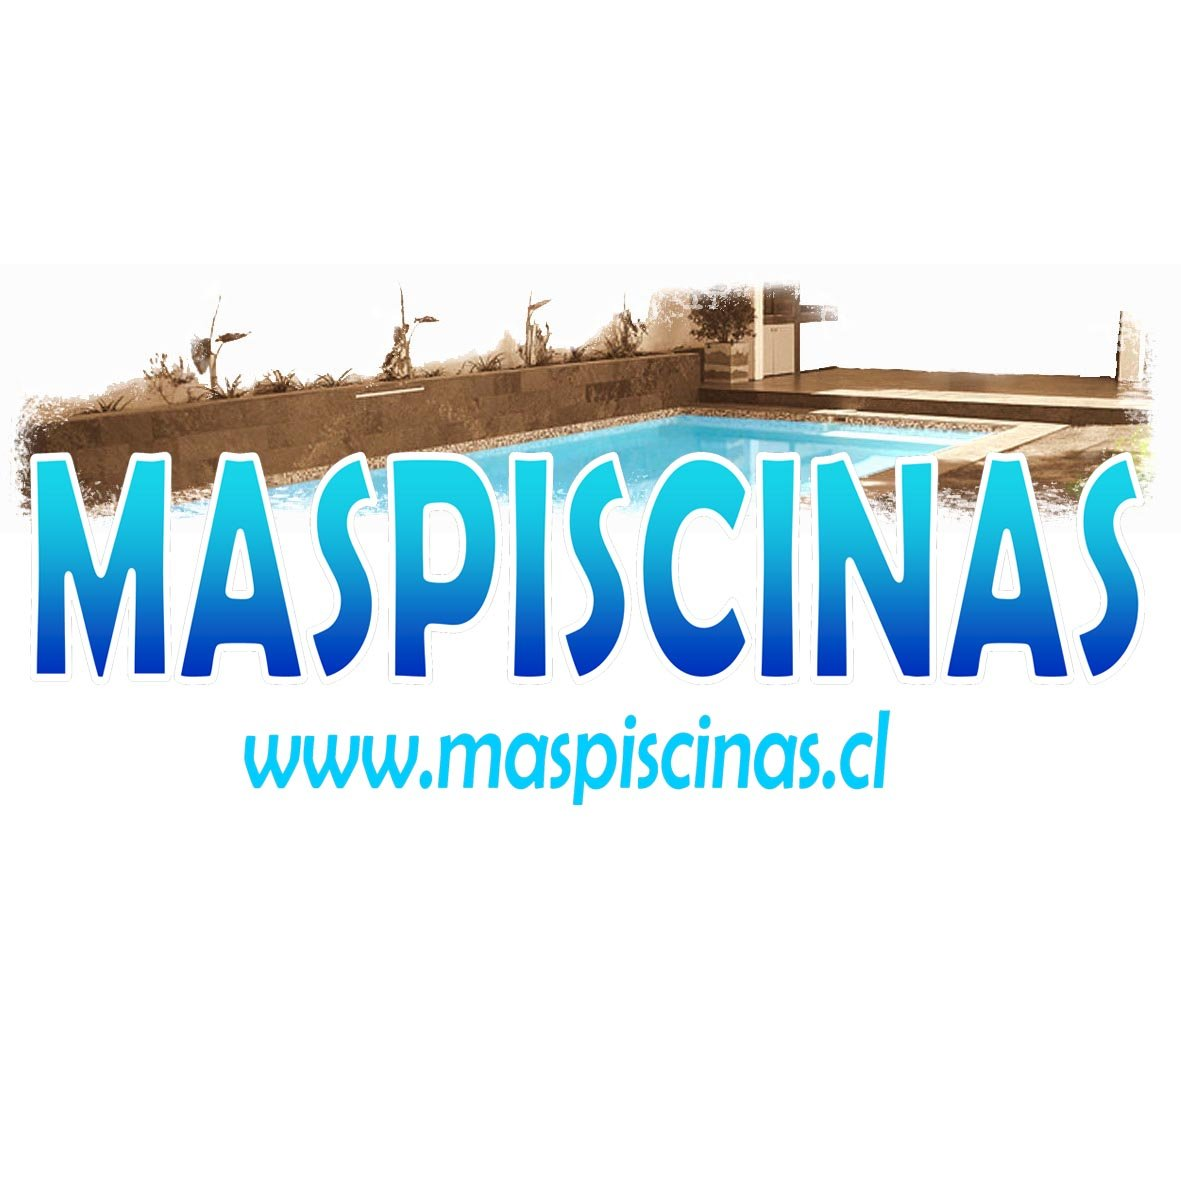 Maspiscinas